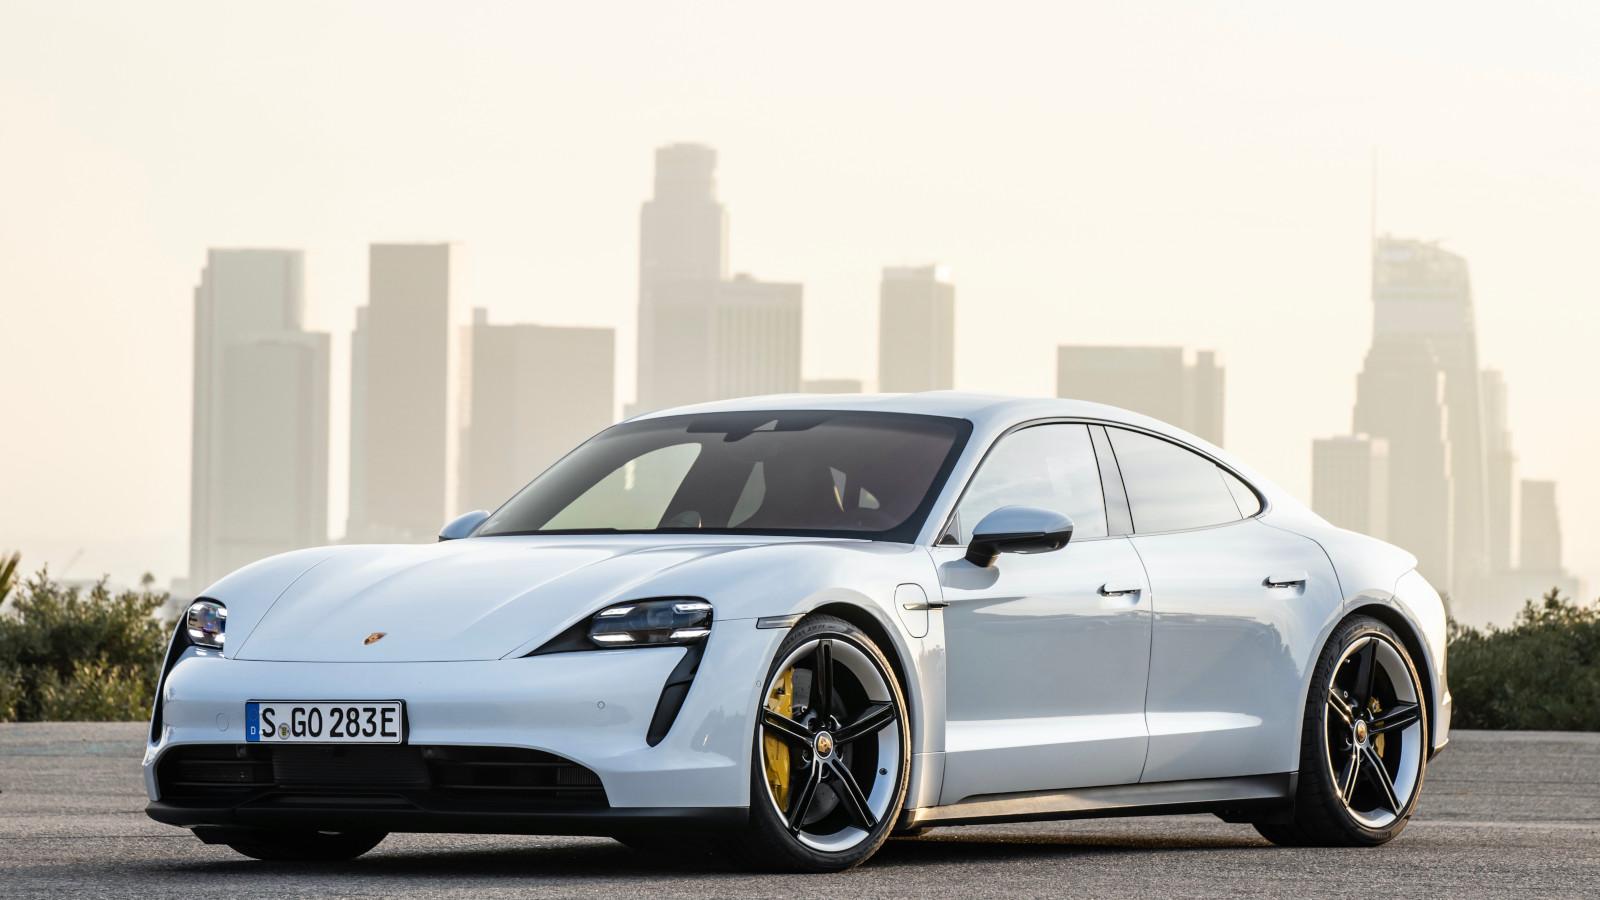 Científicos eligen al Porsche Taycan como el automóvil más innovador del mundo